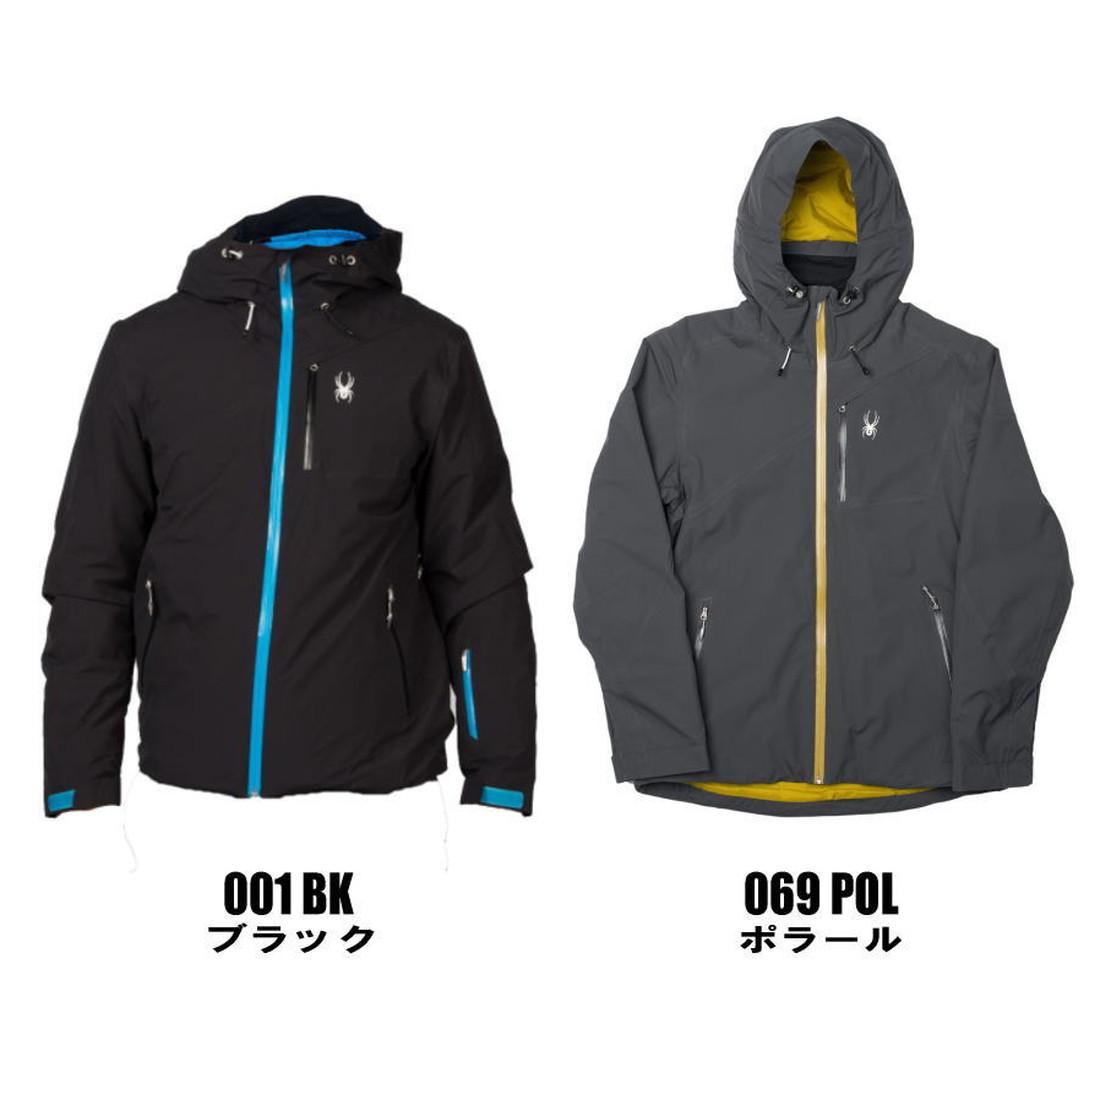 【国内正規品】 スパイダー M プライムジャケット  スキーウエア SPYDER M PRYME JACKET 15